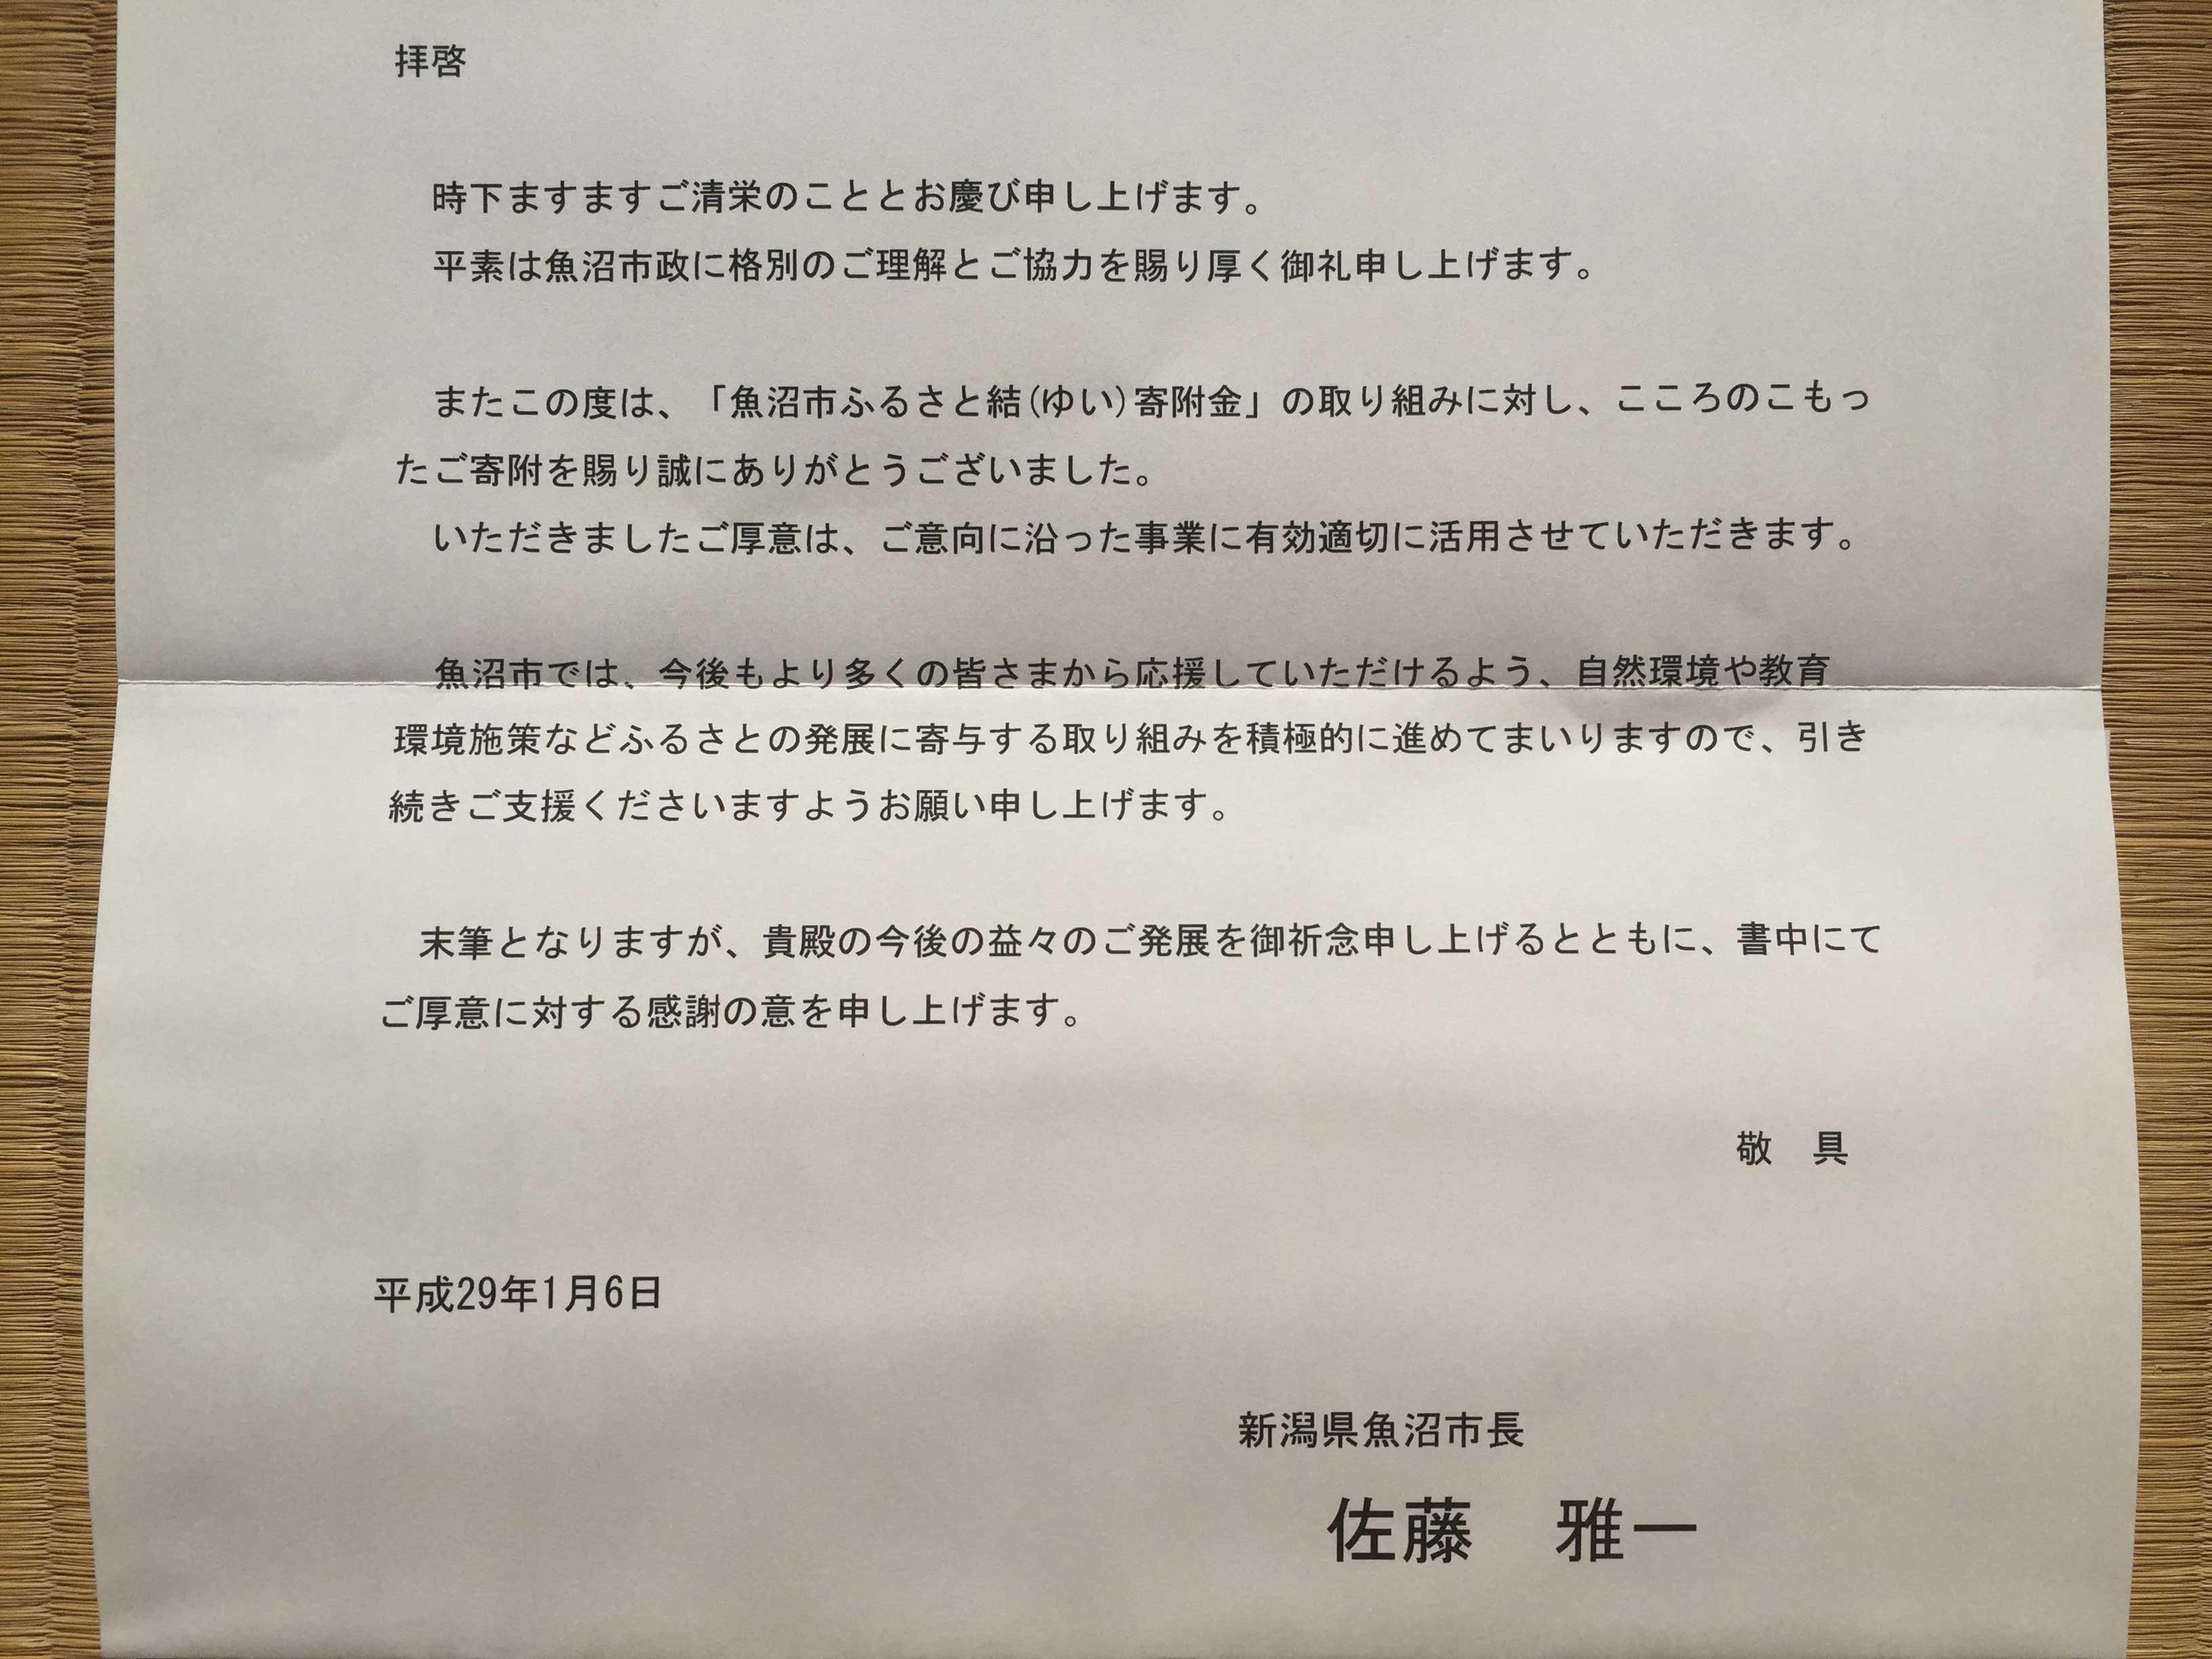 佐藤雅一・魚沼市長からの「魚沼市ふるさと結(ゆい)寄附金」への御礼の手紙